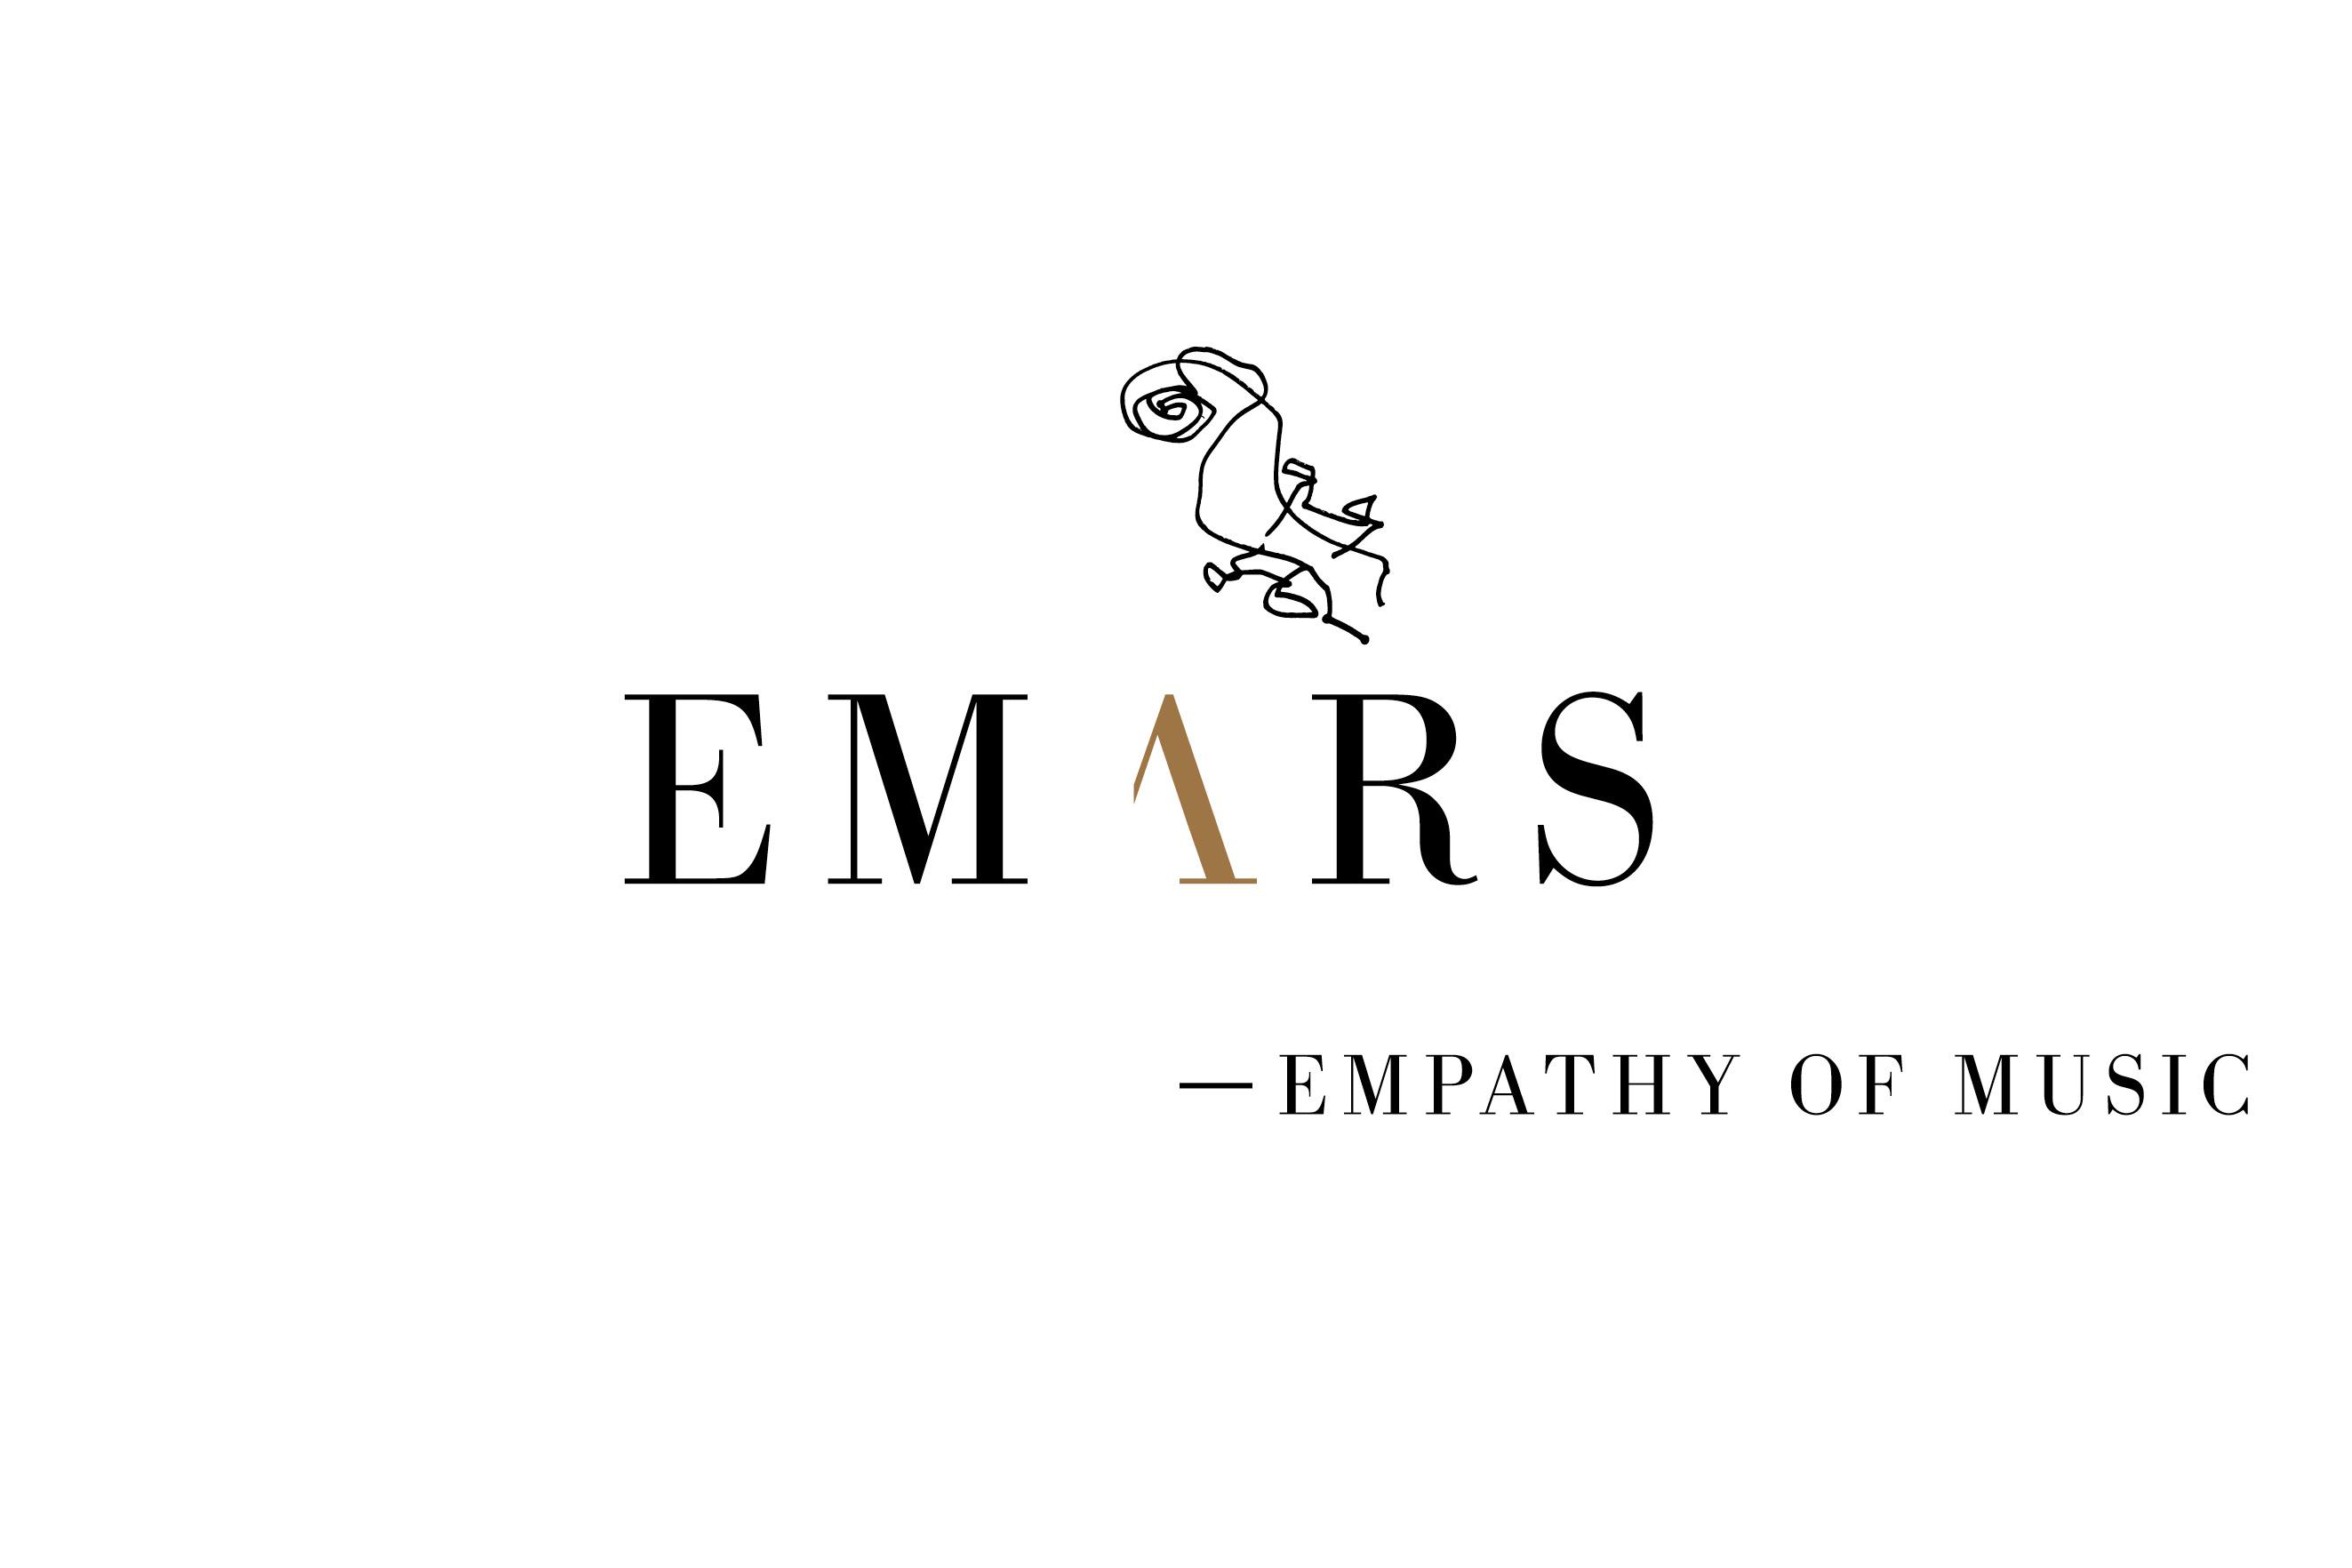 EMARS_ZNAK_2